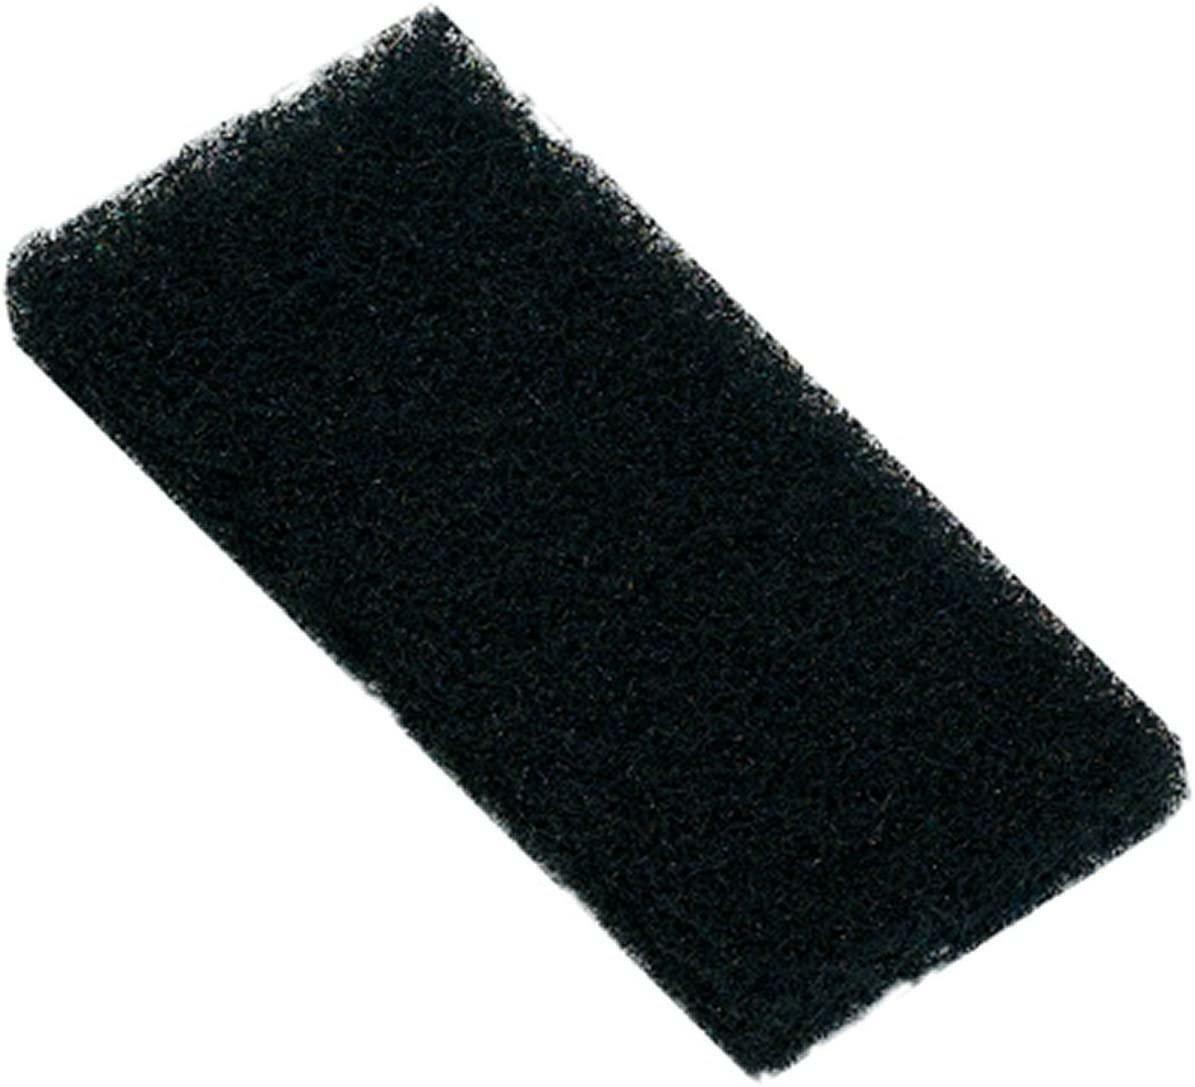 ancora ricambio frattazzo nero 250x120 nero cod.873/rn